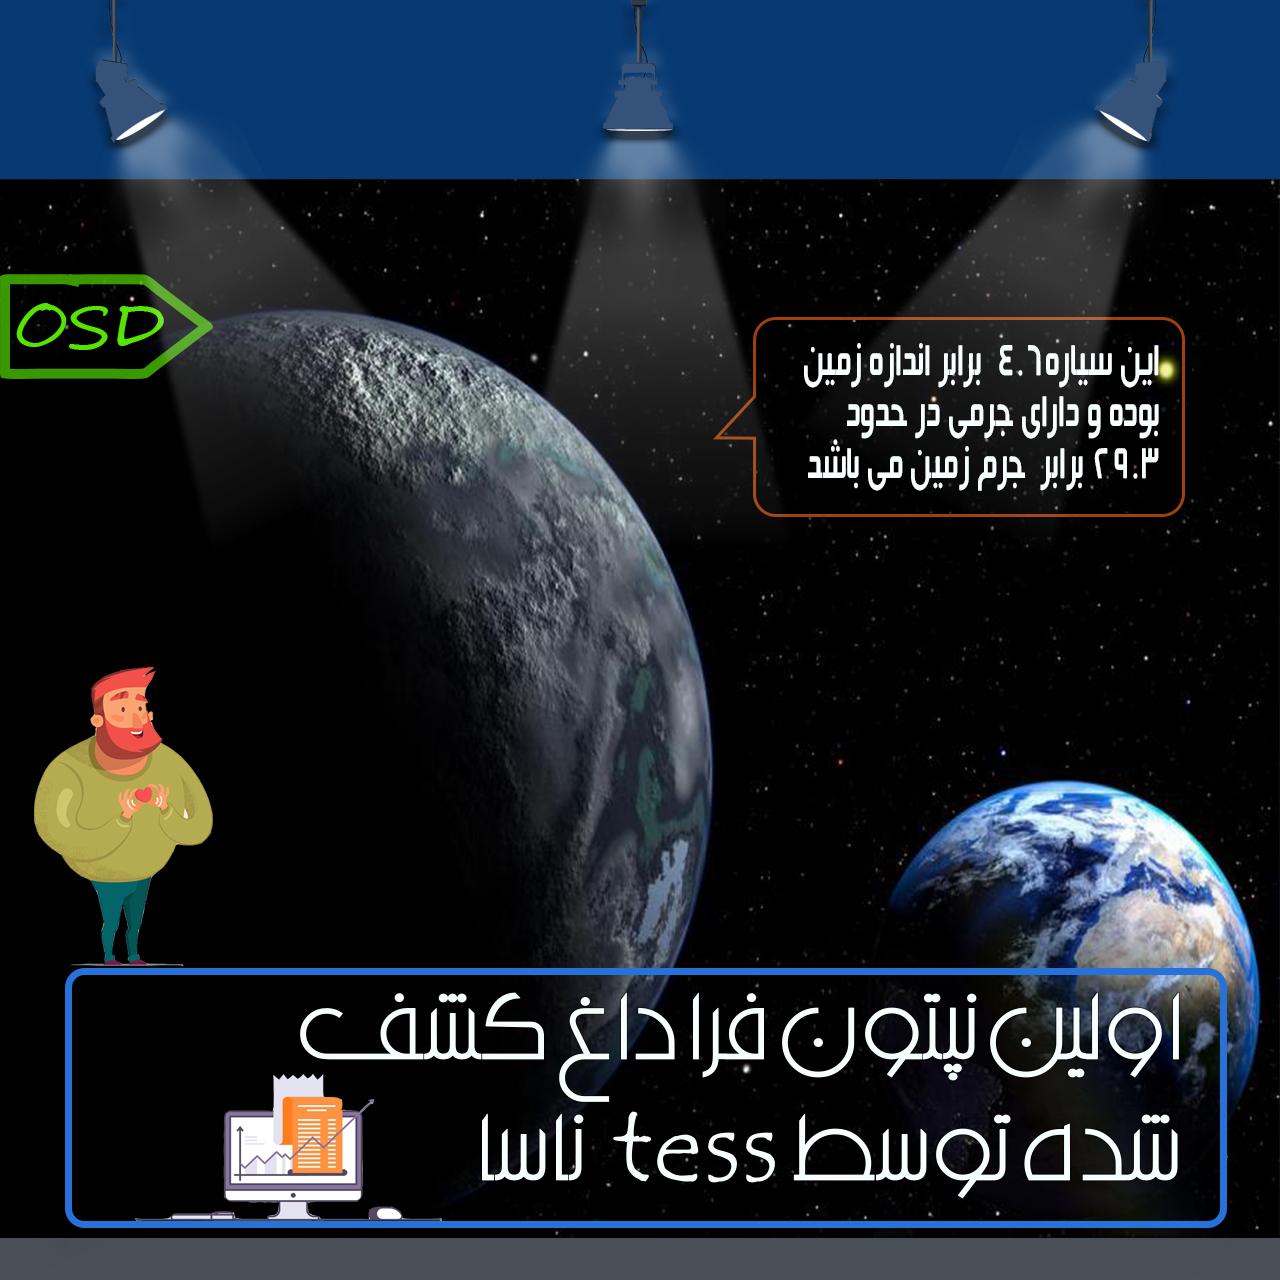 اولین نپتون فرا داغ کشف شده توسط tess ناسا